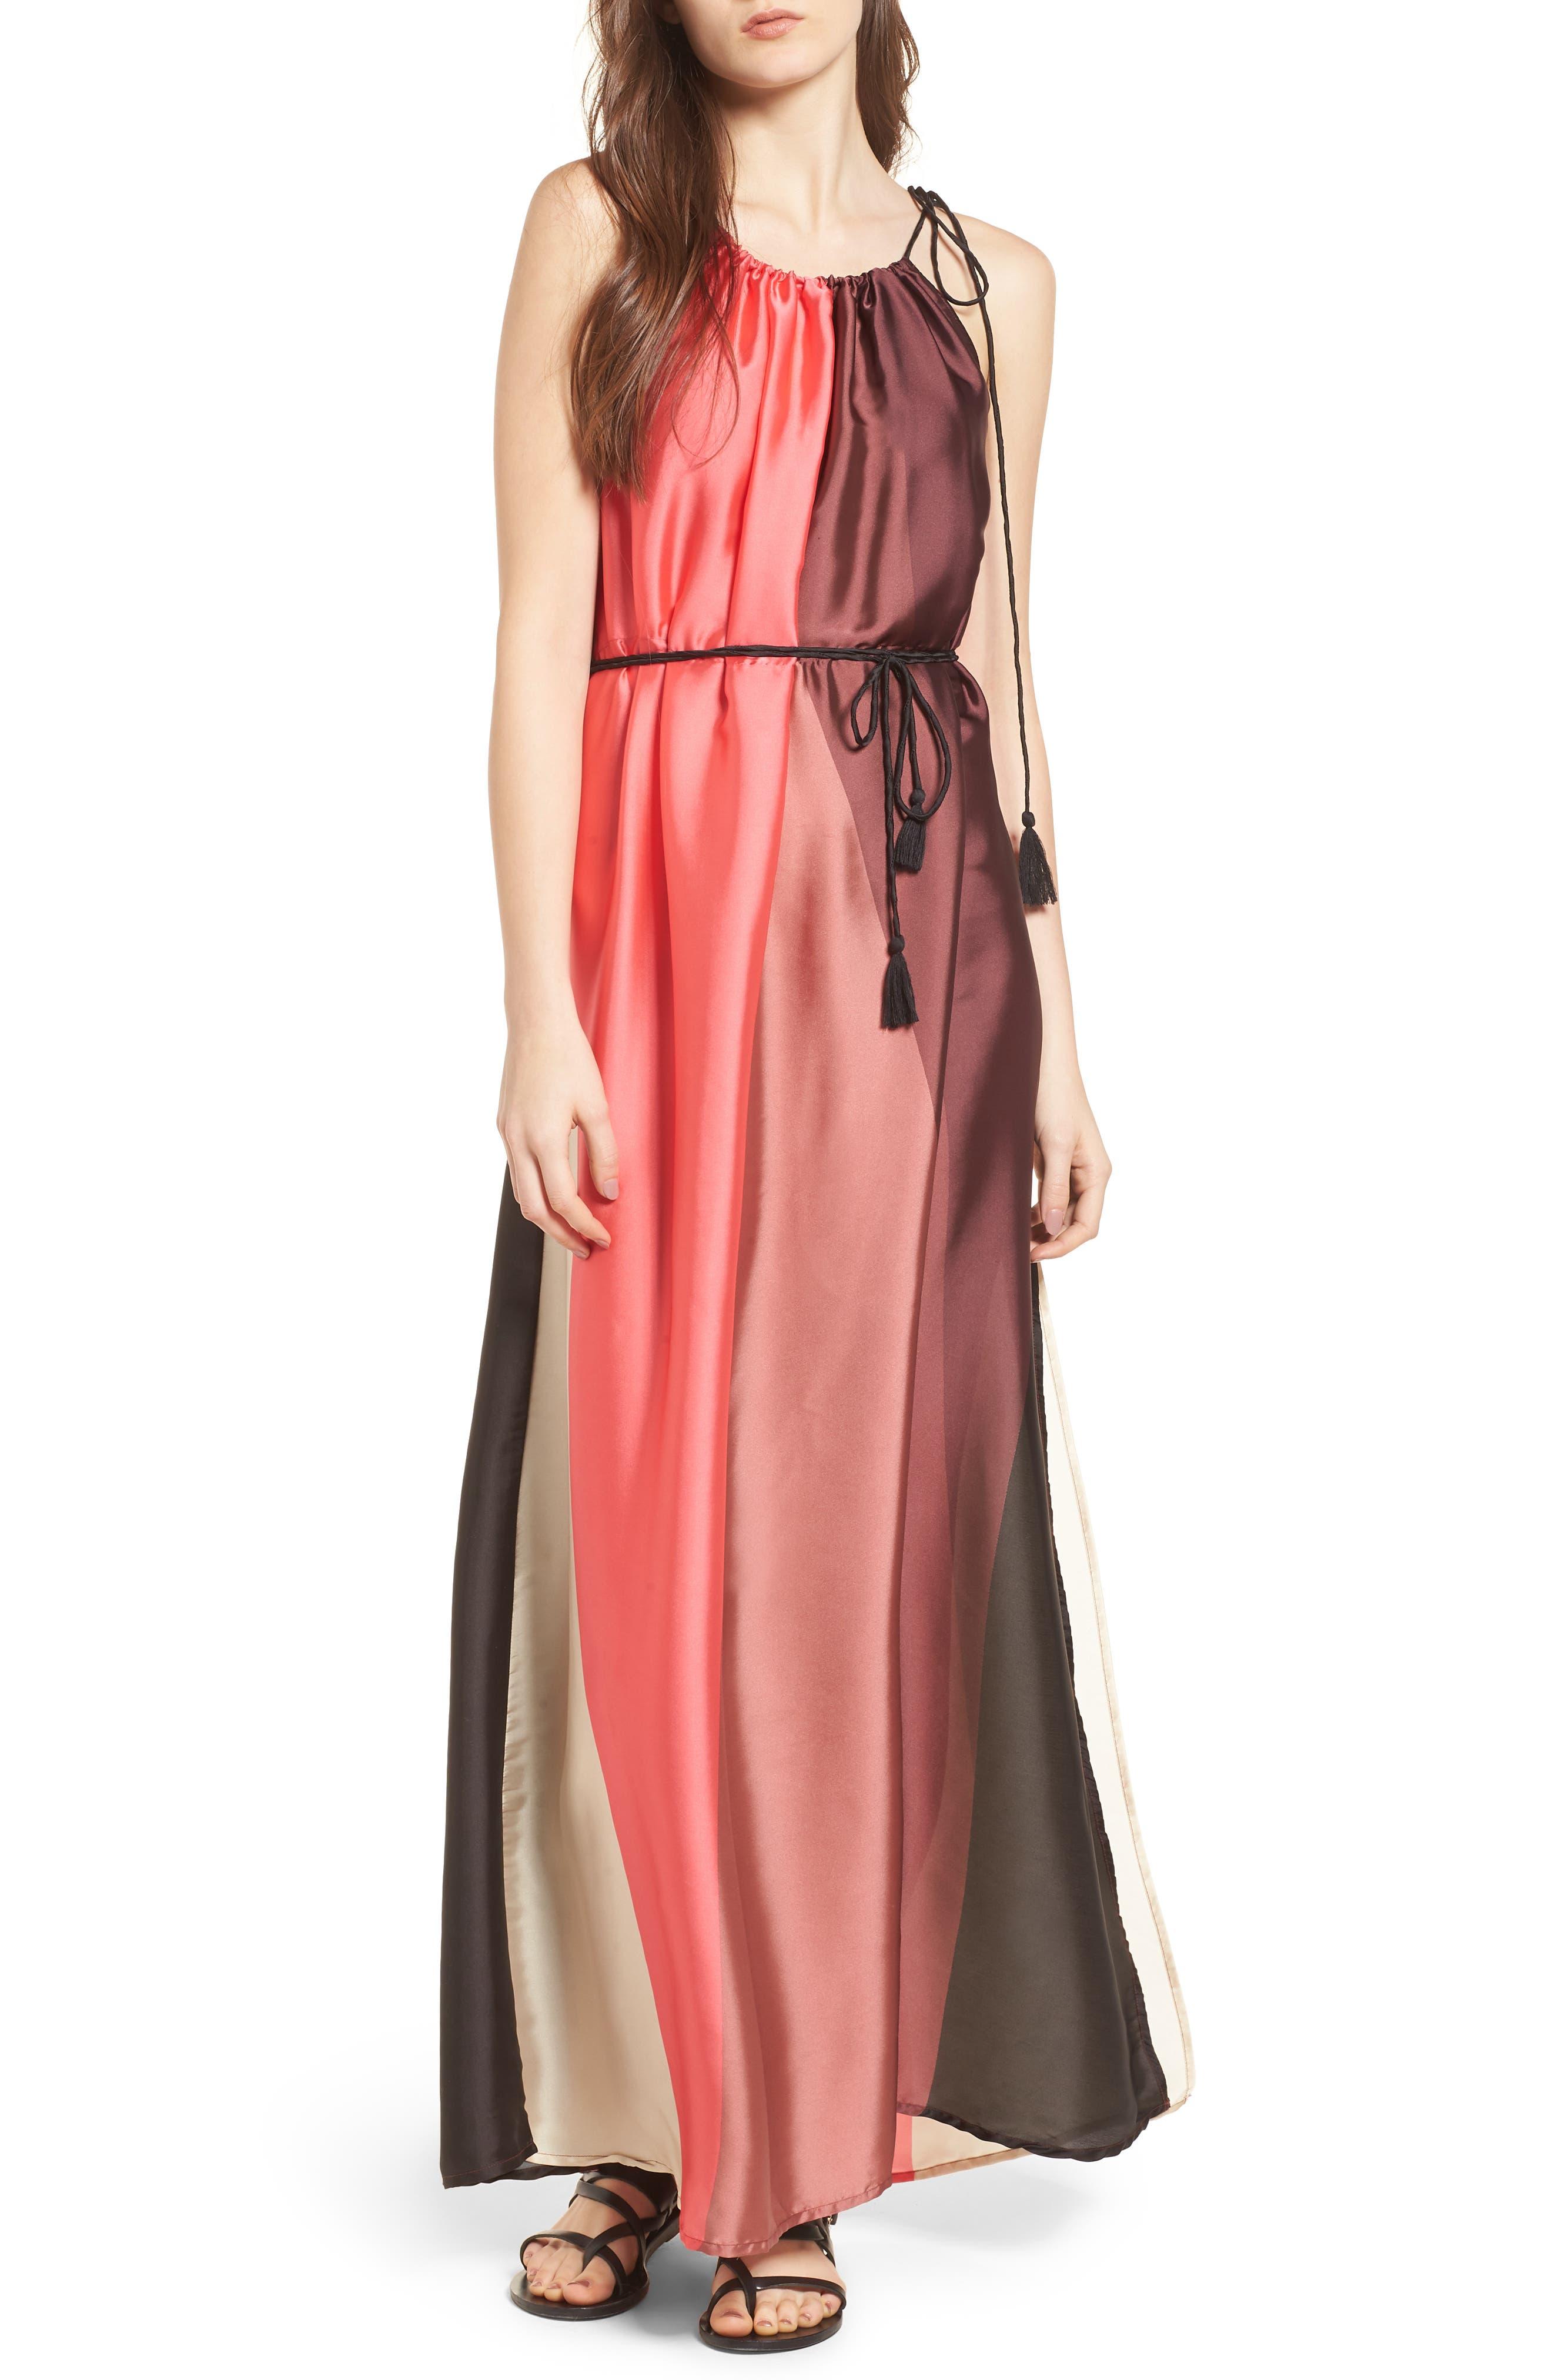 Icy Shores Maxi Dress,                         Main,                         color, 903